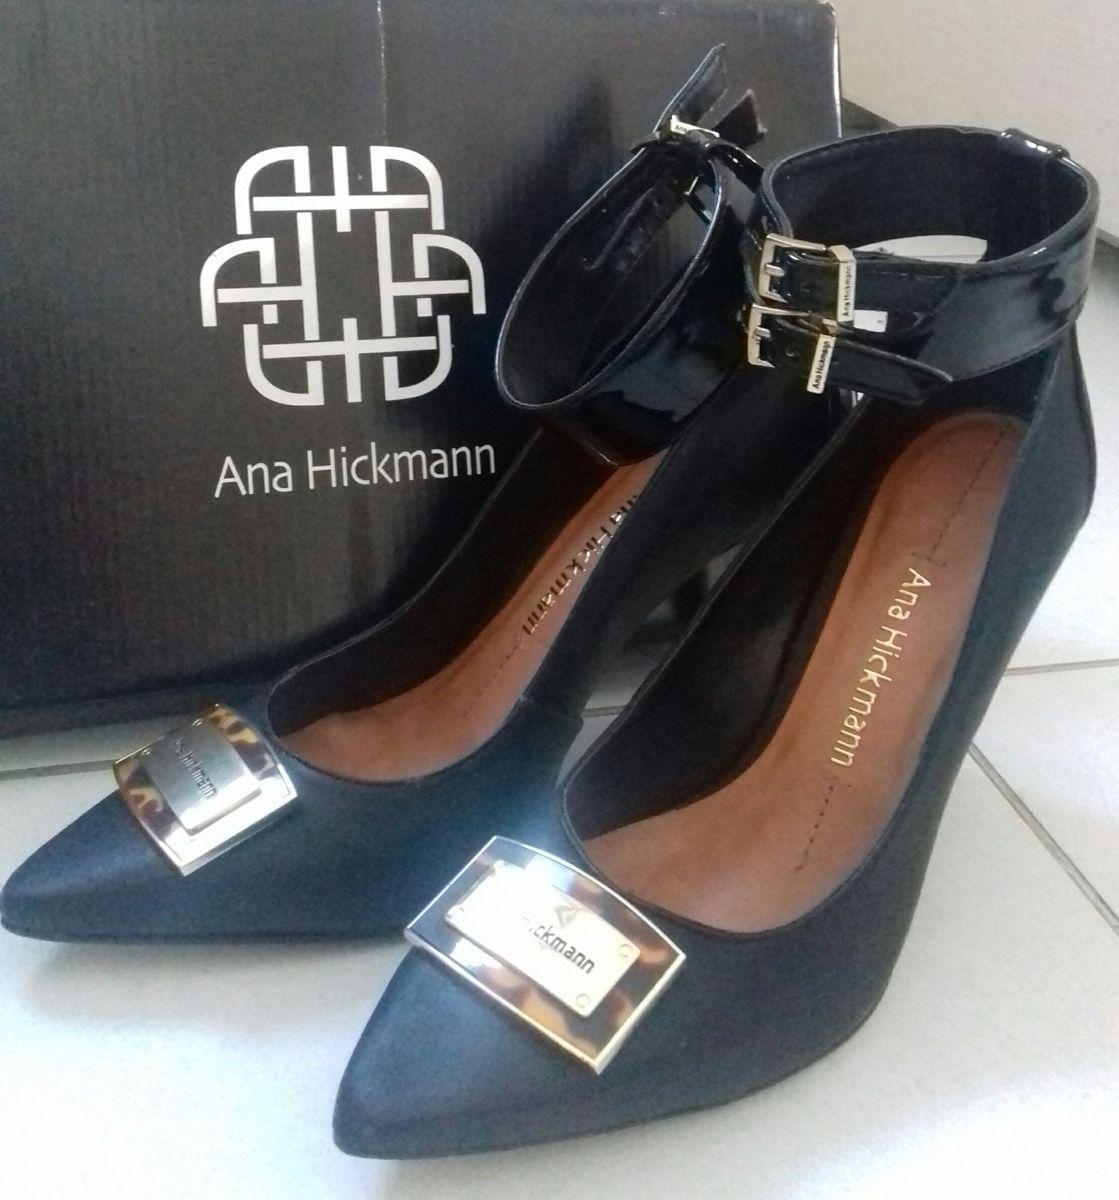 scarpin ana hickmann novo - sapatos ana-hickmann.  Czm6ly9wag90b3muzw5qb2vplmnvbs5ici9wcm9kdwn0cy81nze3otm0l2q0zja3mjuxztjjmzi1ogewnzhmzwu5mzk5zjhlytyylmpwzw  ... 6d8a066281